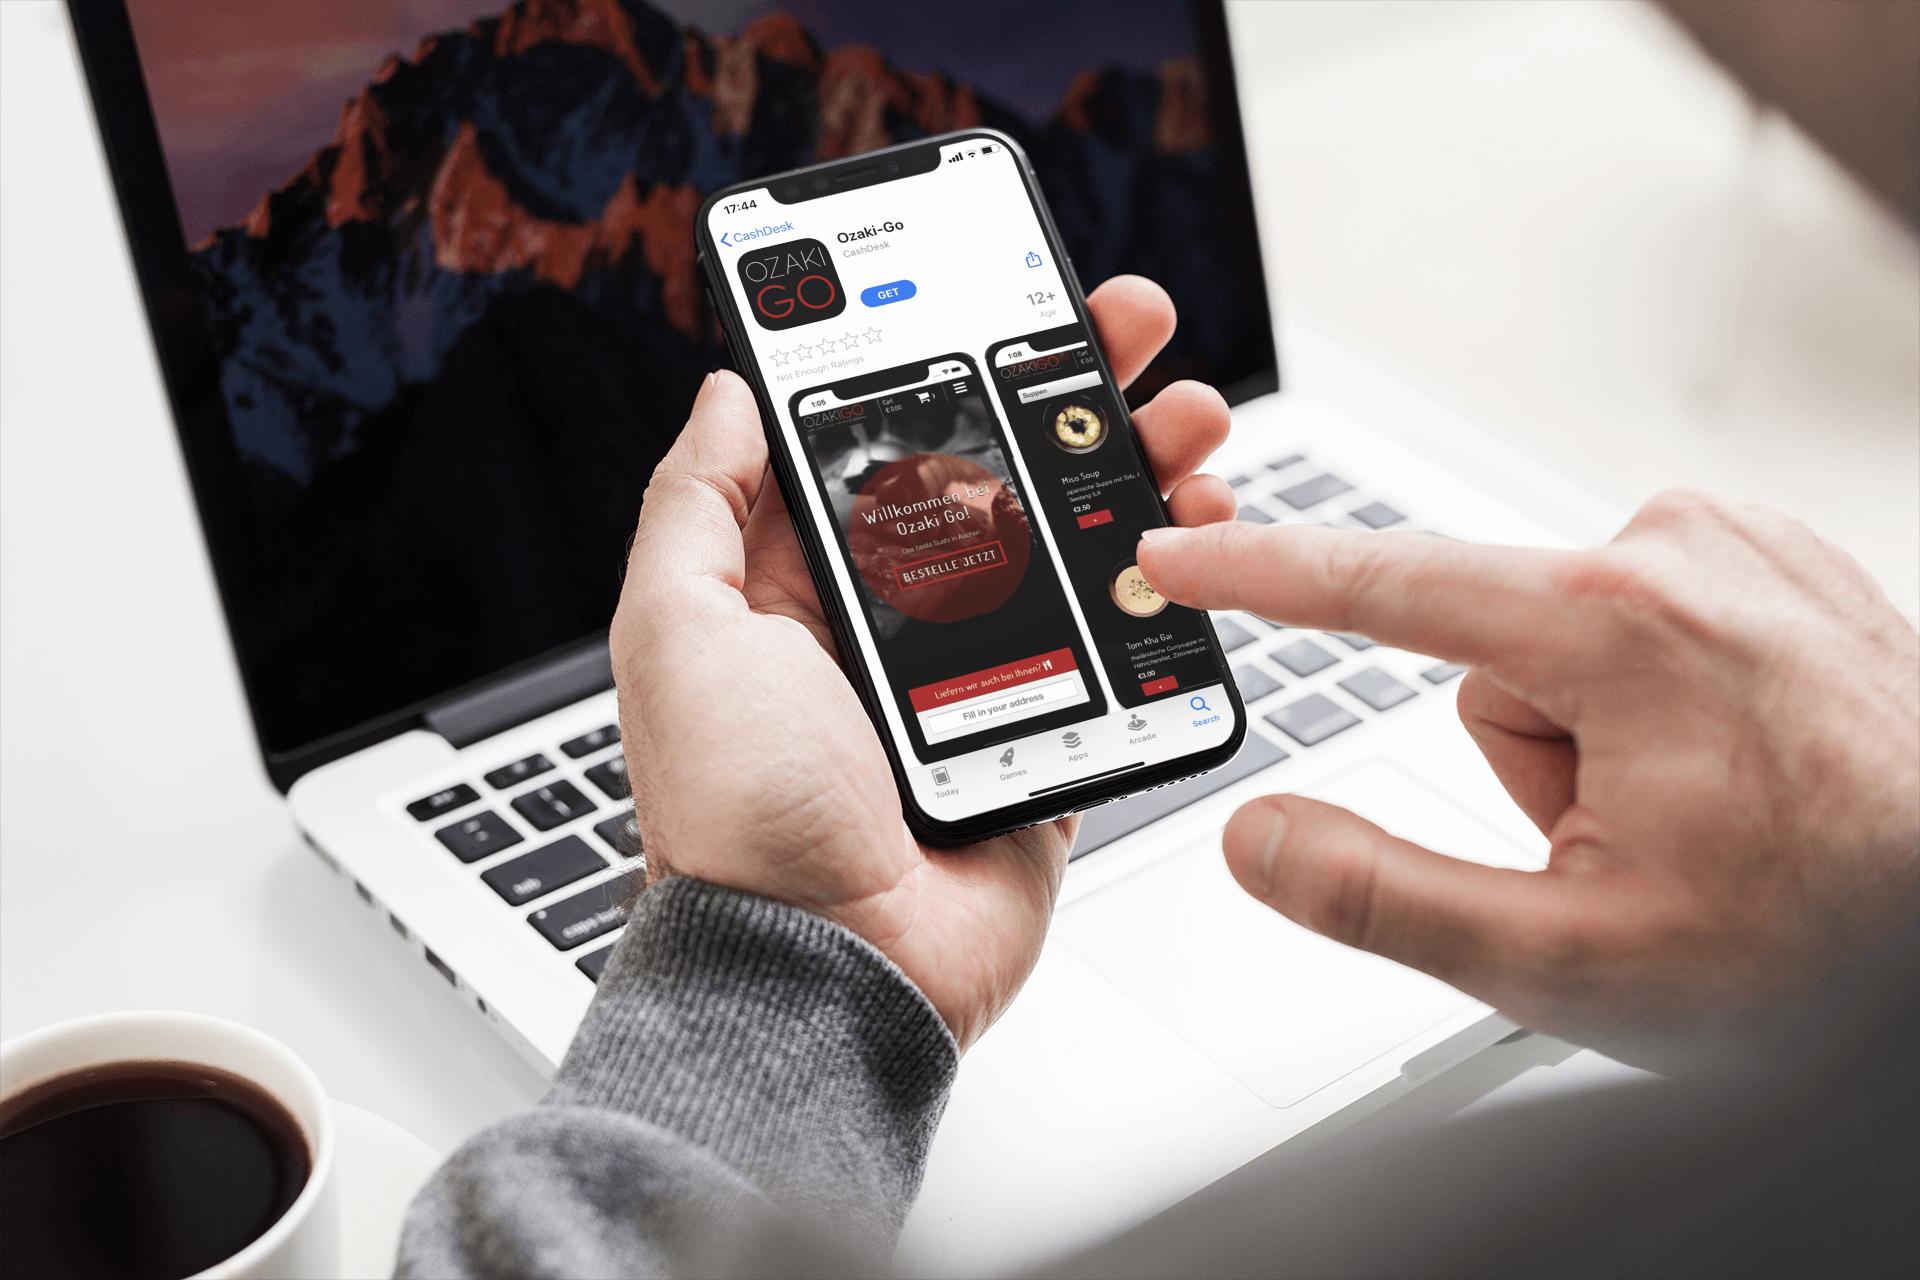 Bestellen über eine benutzerfreundliche App